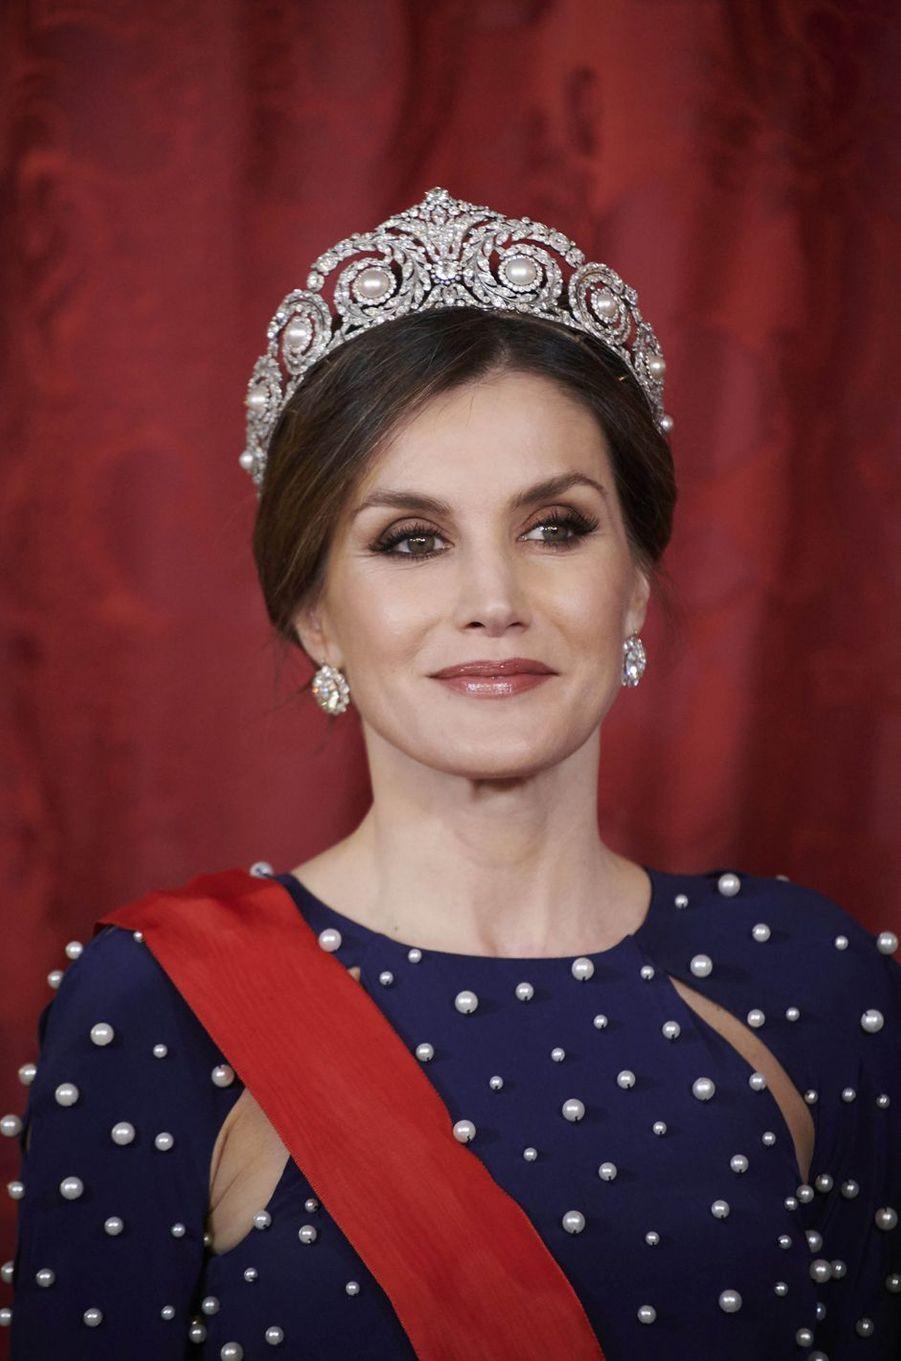 La reine Letizia d'Espagne à Madrid, le 16 avril 2018